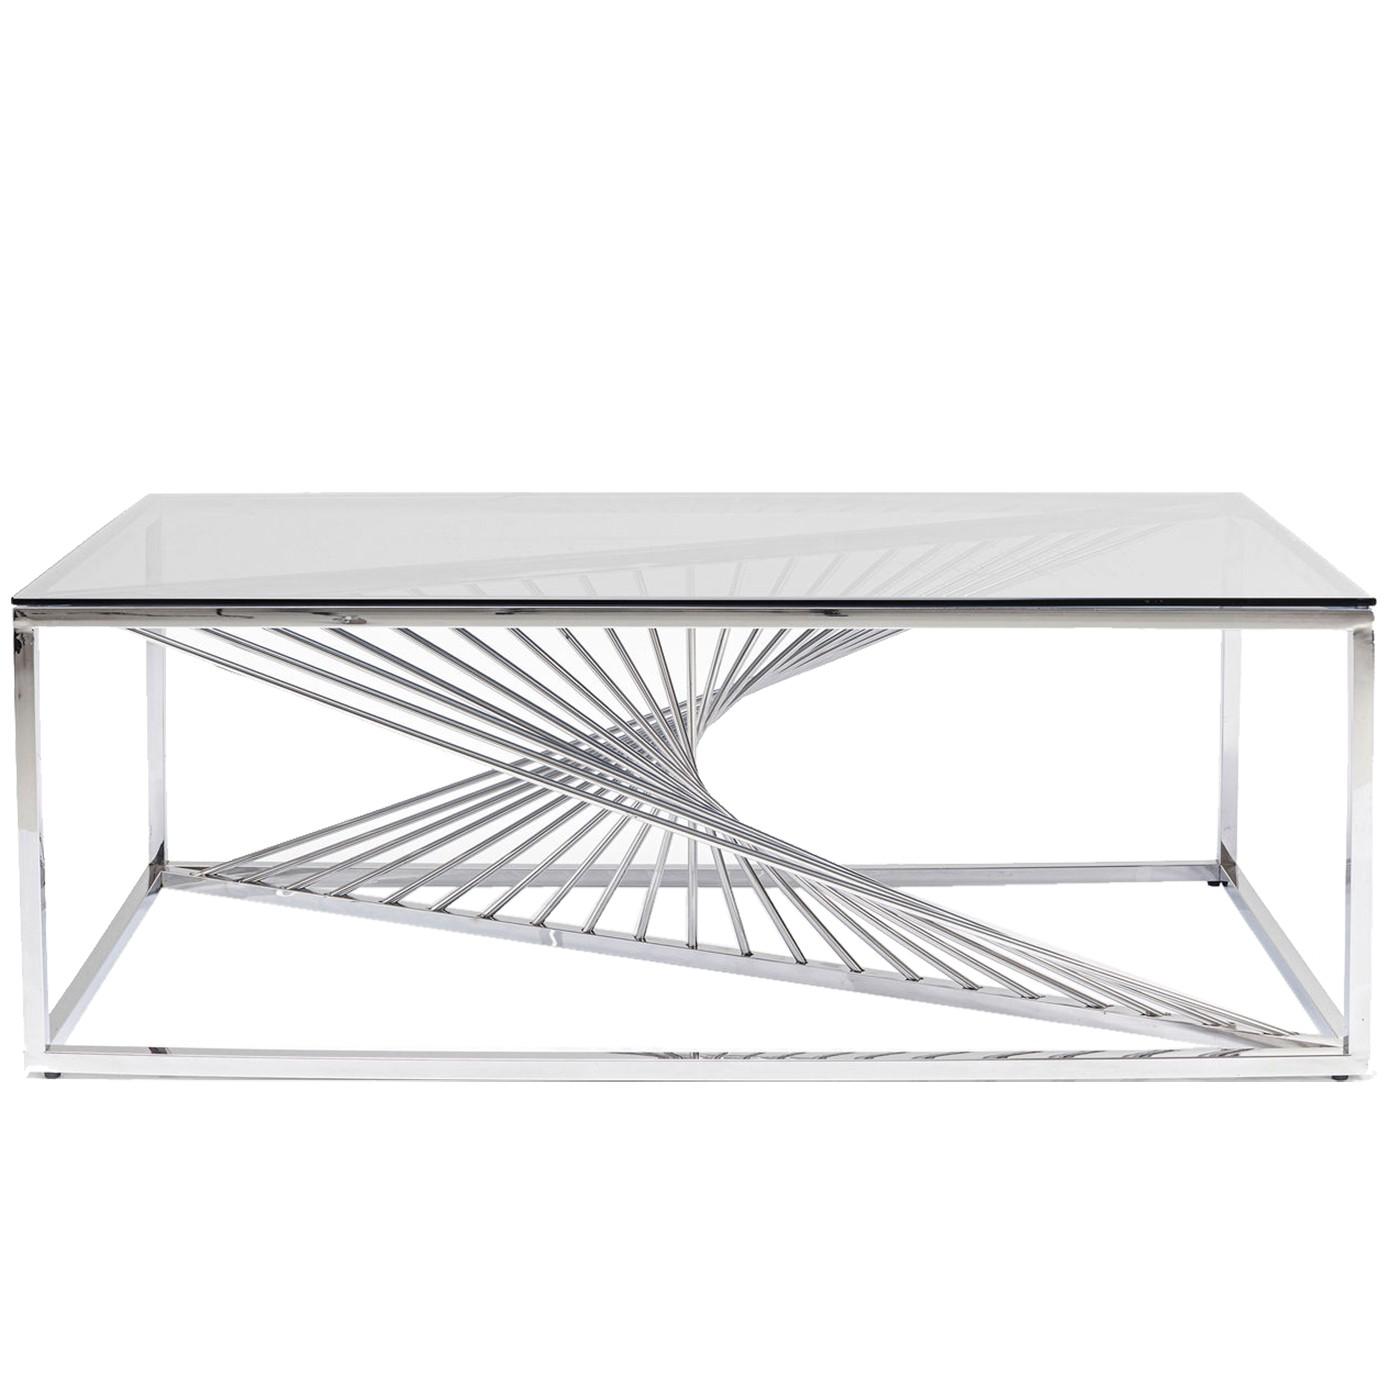 Table basse en verre et acier chromé